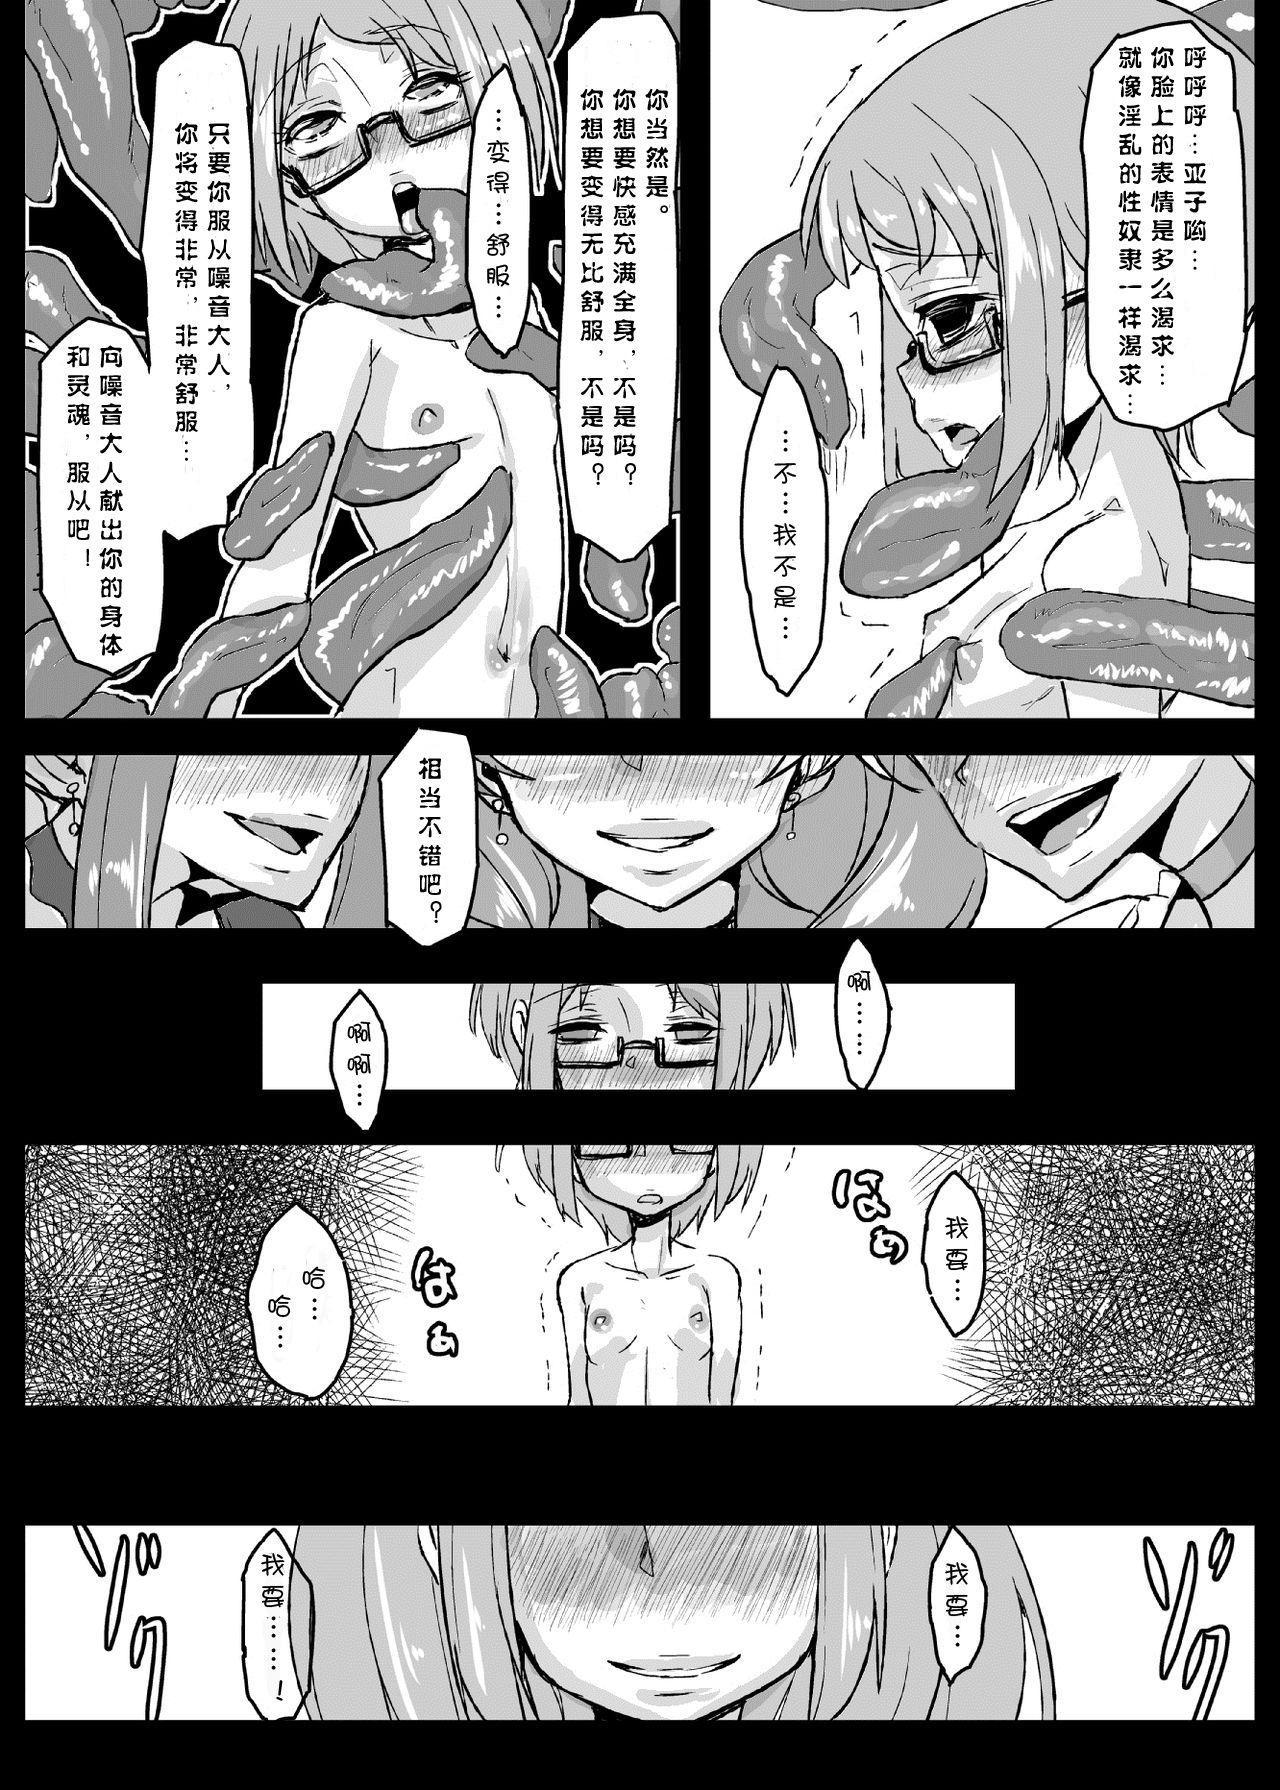 Ako Ochi | 亚子堕落 19